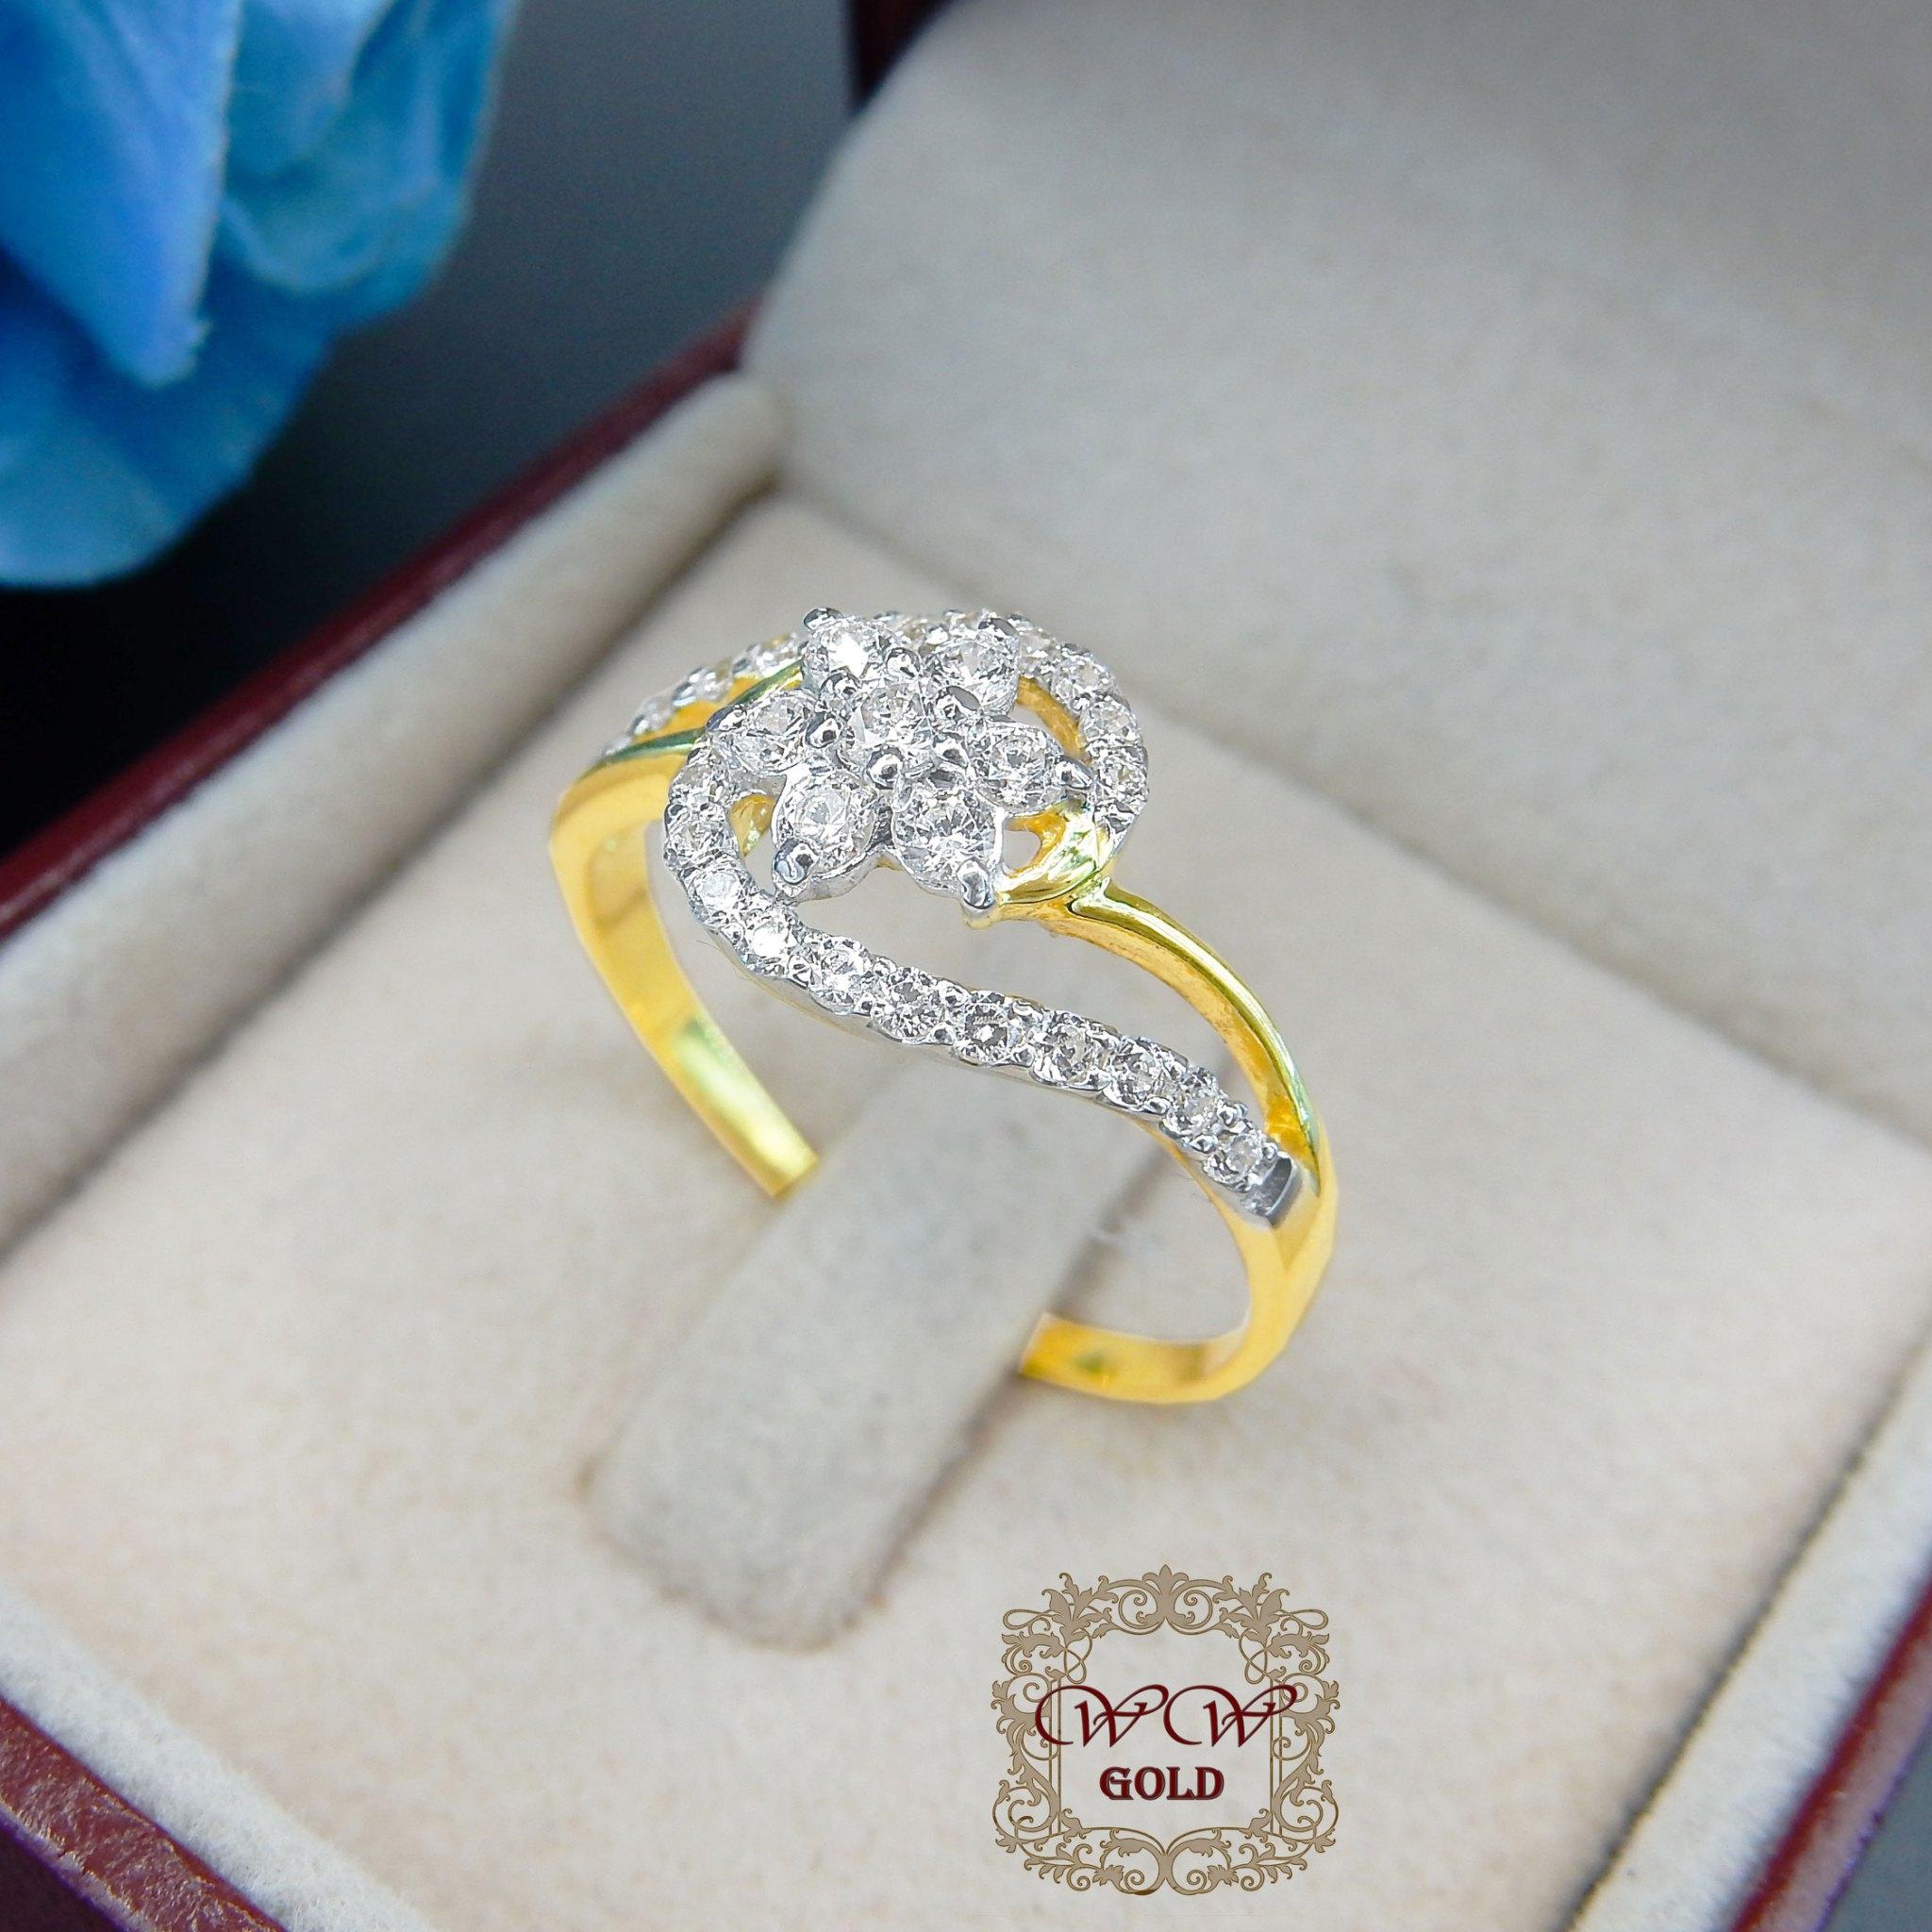 แหวนเพชรดีไซน์ดอกไม้